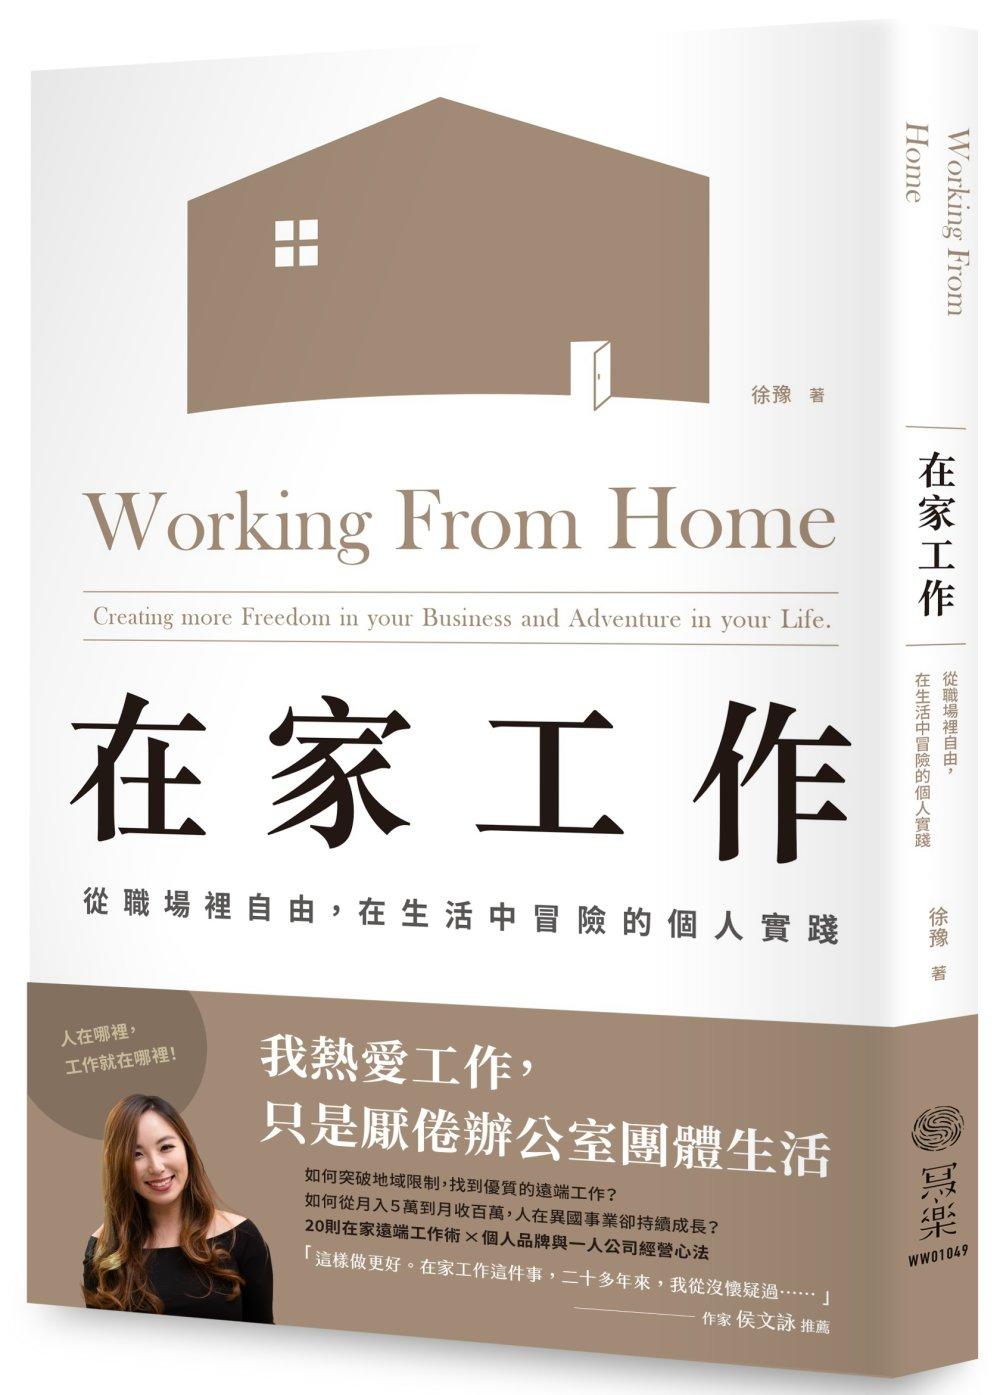 在家工作:從職場裡自由,在生活中冒險的個人實踐